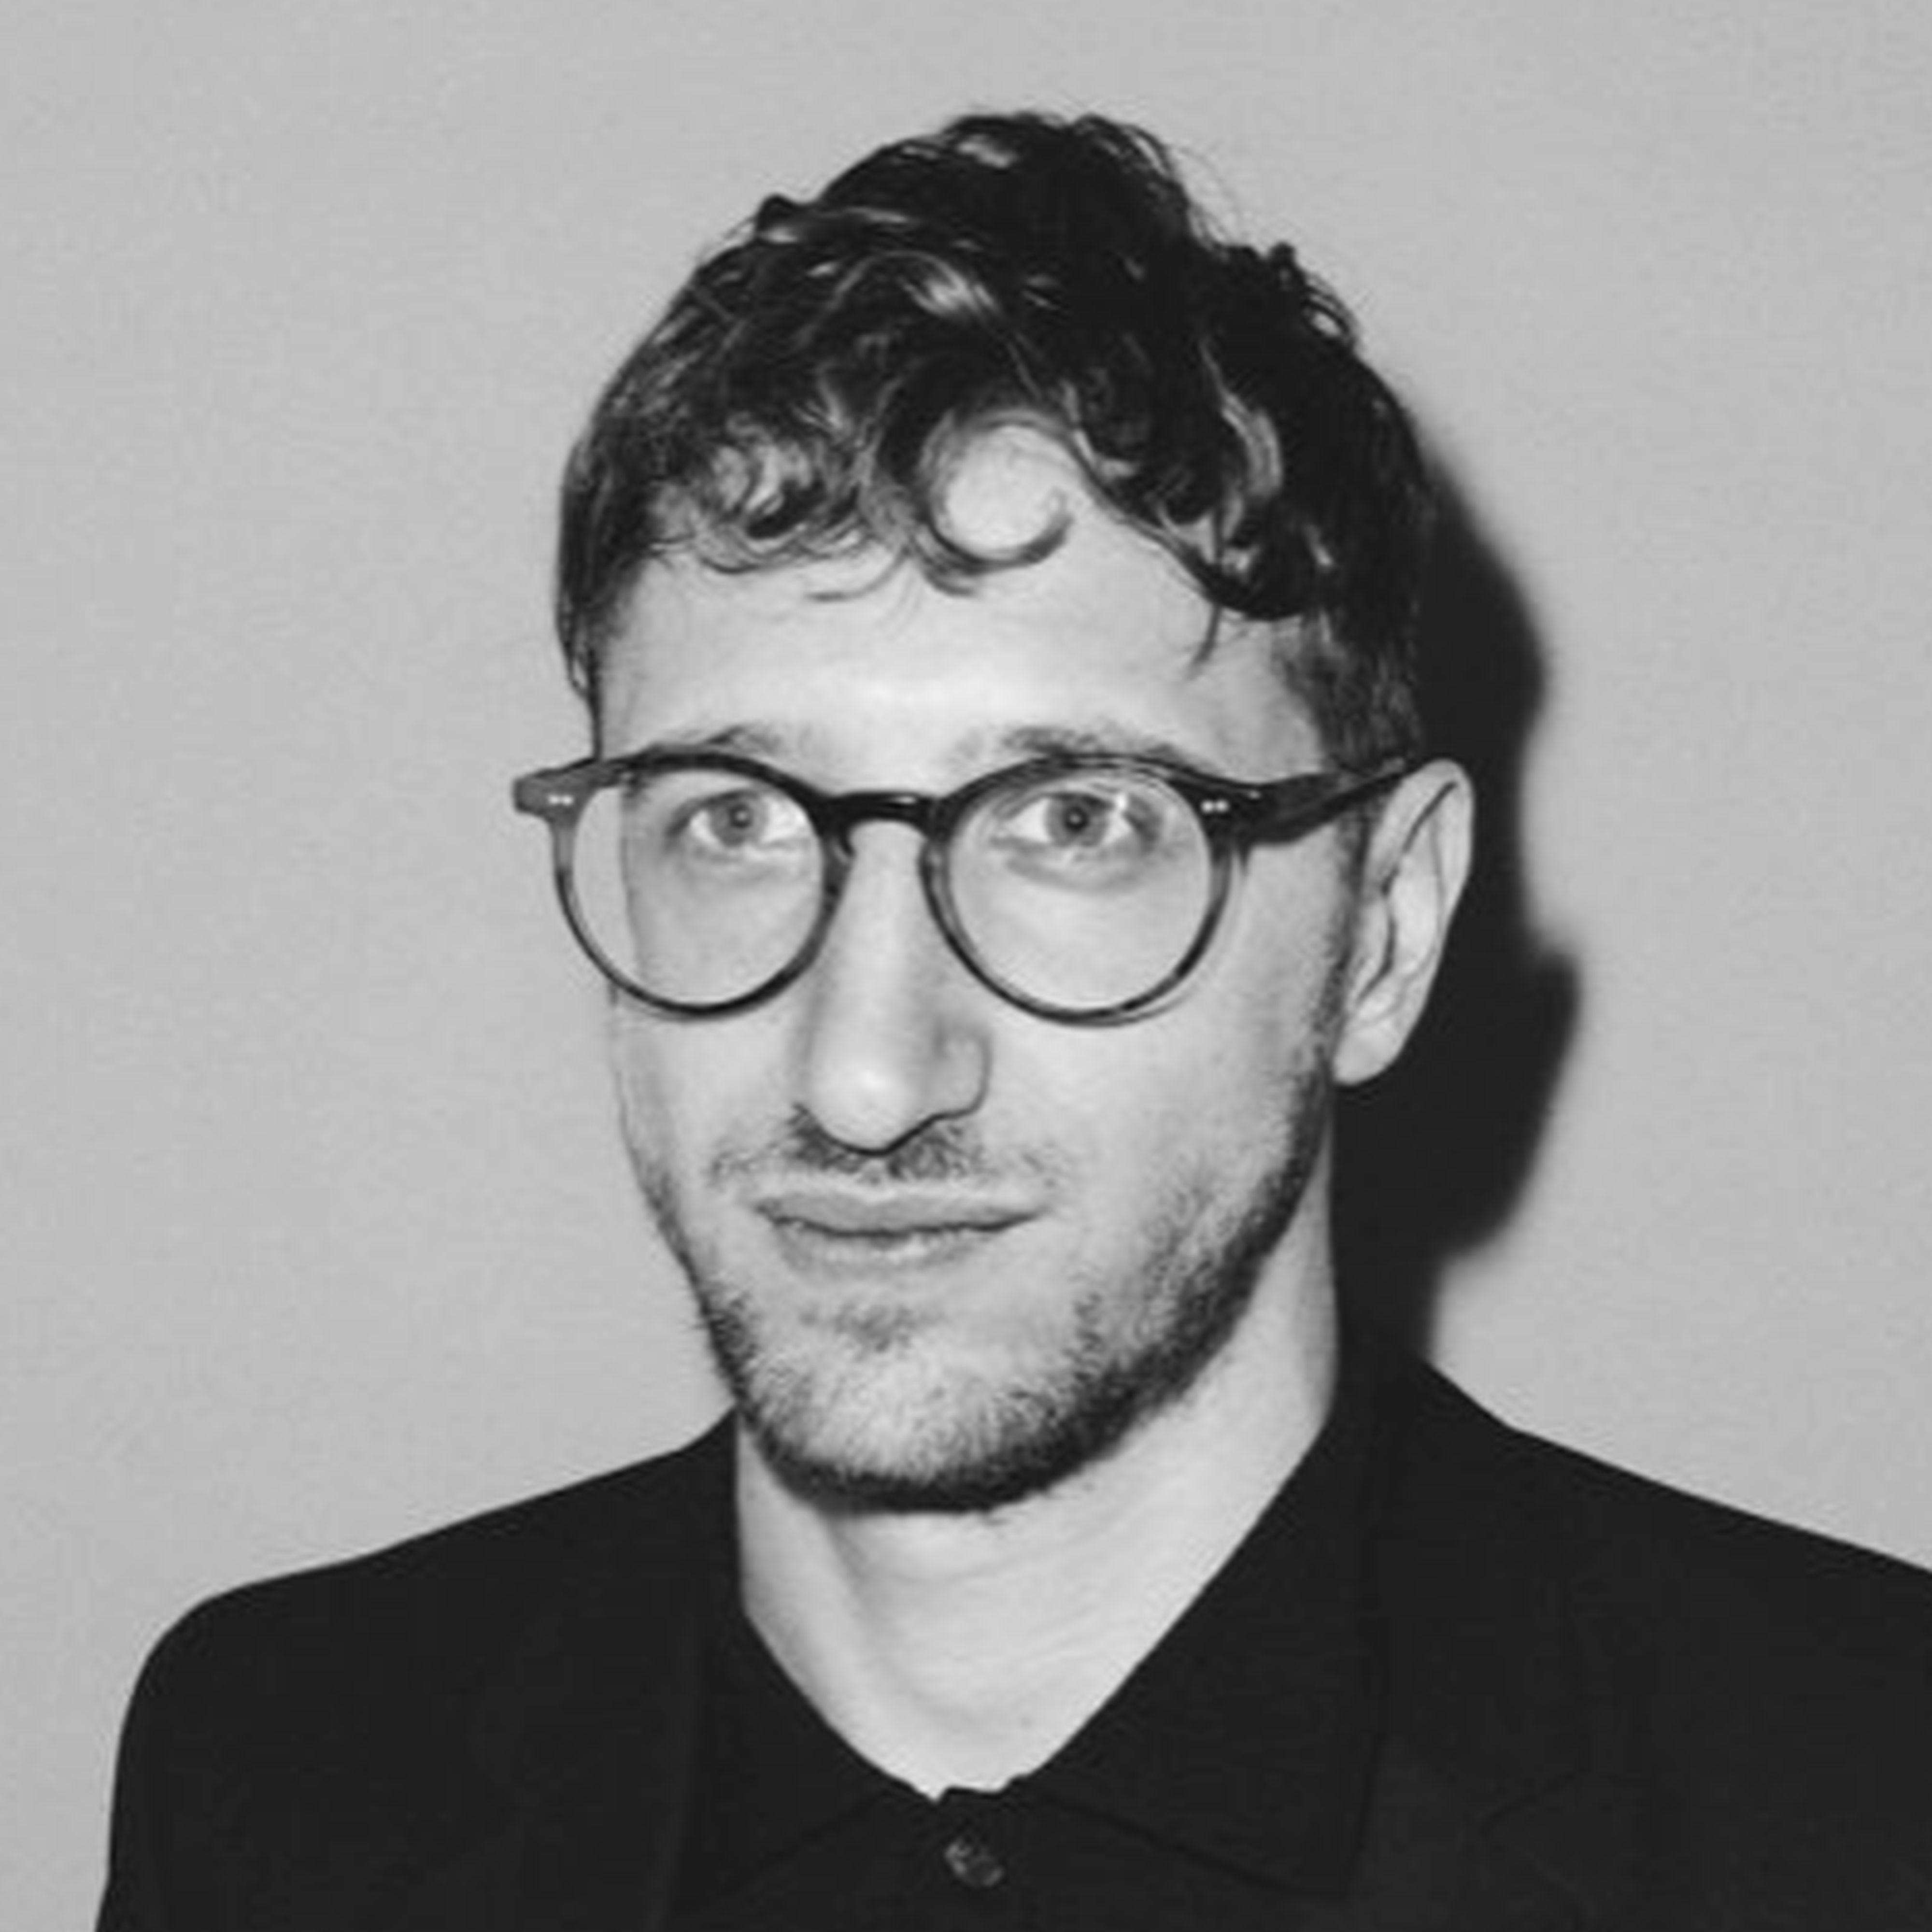 BR Podcast - Künstler Lawrence Abu Hamdan in Gespräch \